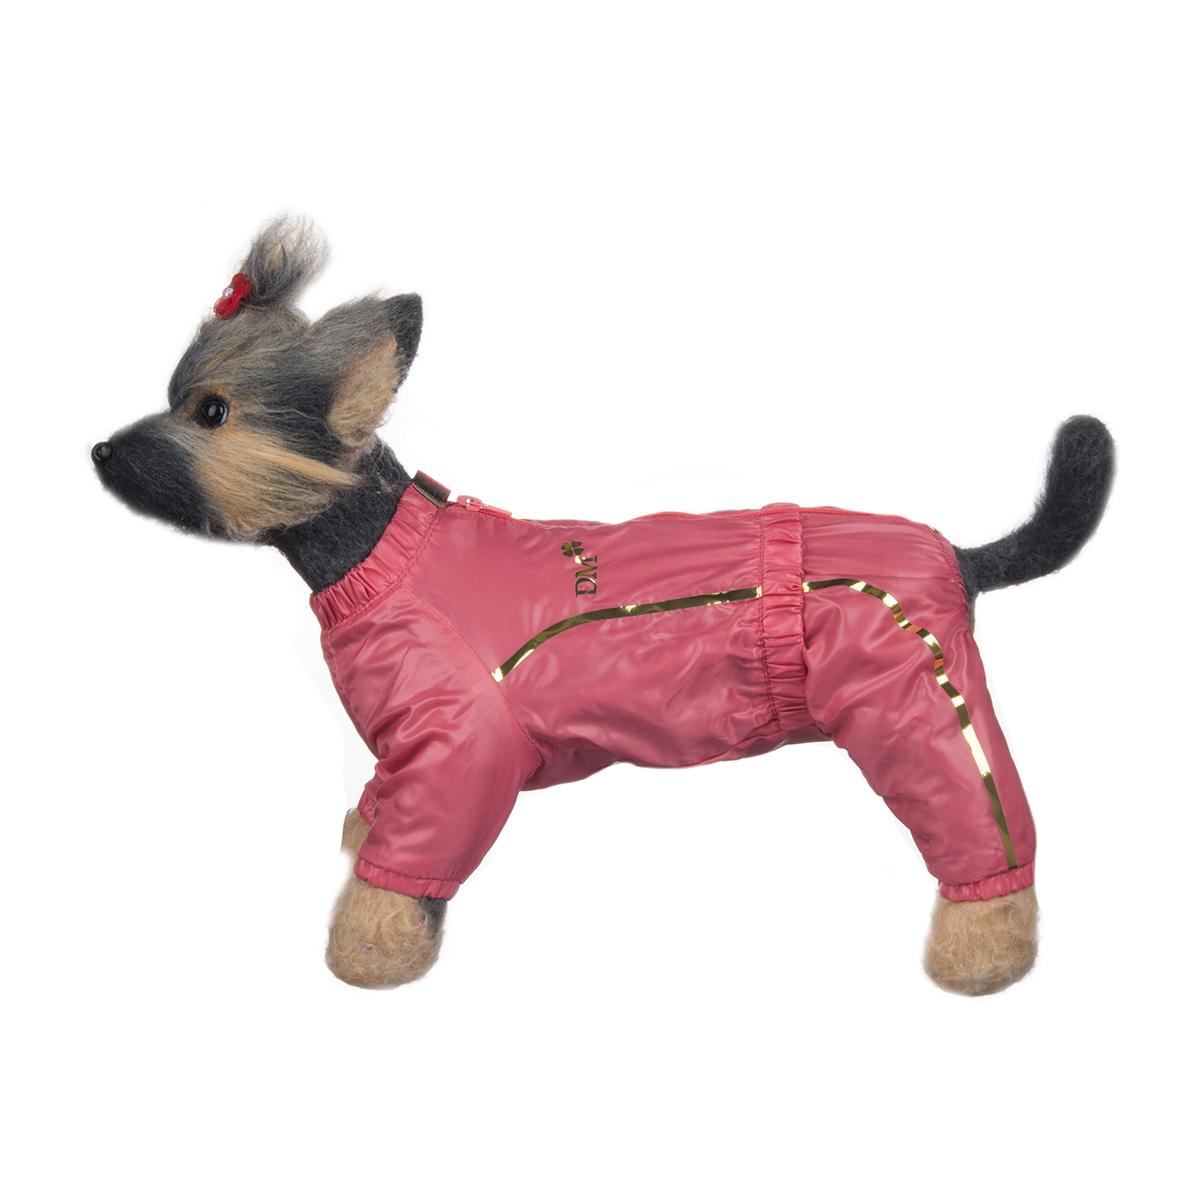 Комбинезон для собак Dogmoda Альпы, для девочки, цвет: коралловый. Размер 2 (M)DM-150326-2Комбинезон для собак Dogmoda Альпы отлично подойдет для прогулок поздней осенью или ранней весной. Комбинезон изготовлен из полиэстера, защищающего от ветра и осадков, с подкладкой из флиса, которая сохранит тепло и обеспечит отличный воздухообмен. Комбинезон застегивается на молнию и липучку, благодаря чему его легко надевать и снимать. Ворот, низ рукавов и брючин оснащены внутренними резинками, которые мягко обхватывают шею и лапки, не позволяя просачиваться холодному воздуху. На пояснице имеется внутренняя резинка. Изделие декорировано золотистыми полосками и надписью DM. Благодаря такому комбинезону простуда не грозит вашему питомцу и он не даст любимцу продрогнуть на прогулке.